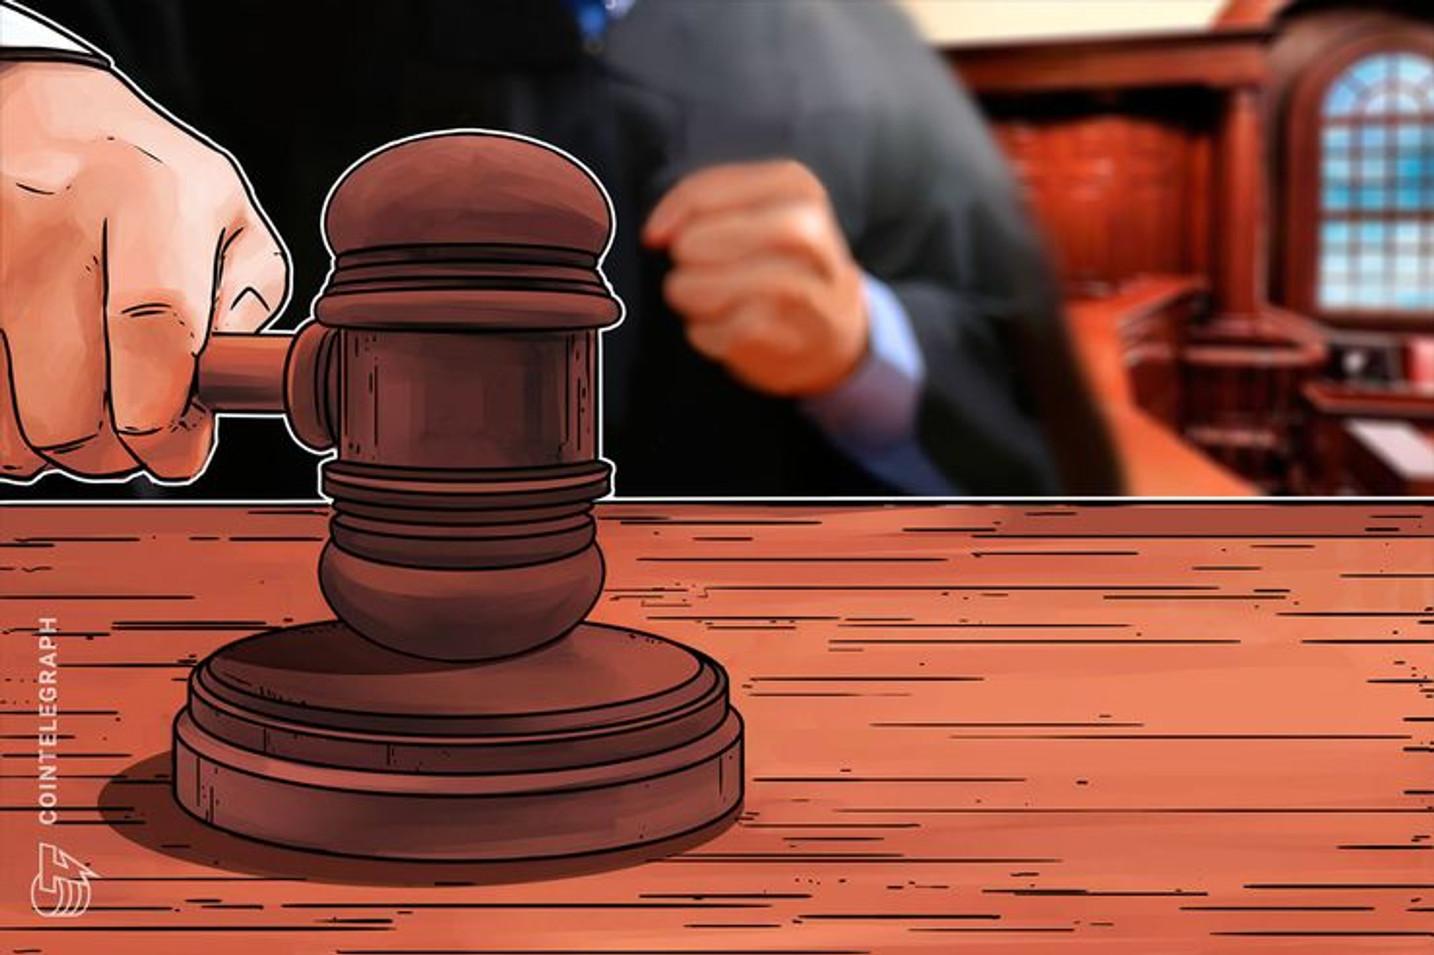 Urgente: 'Não é possível dizer que houve ataque hacker no Bitcoin Banco', conclui inquérito da Polícia Civil